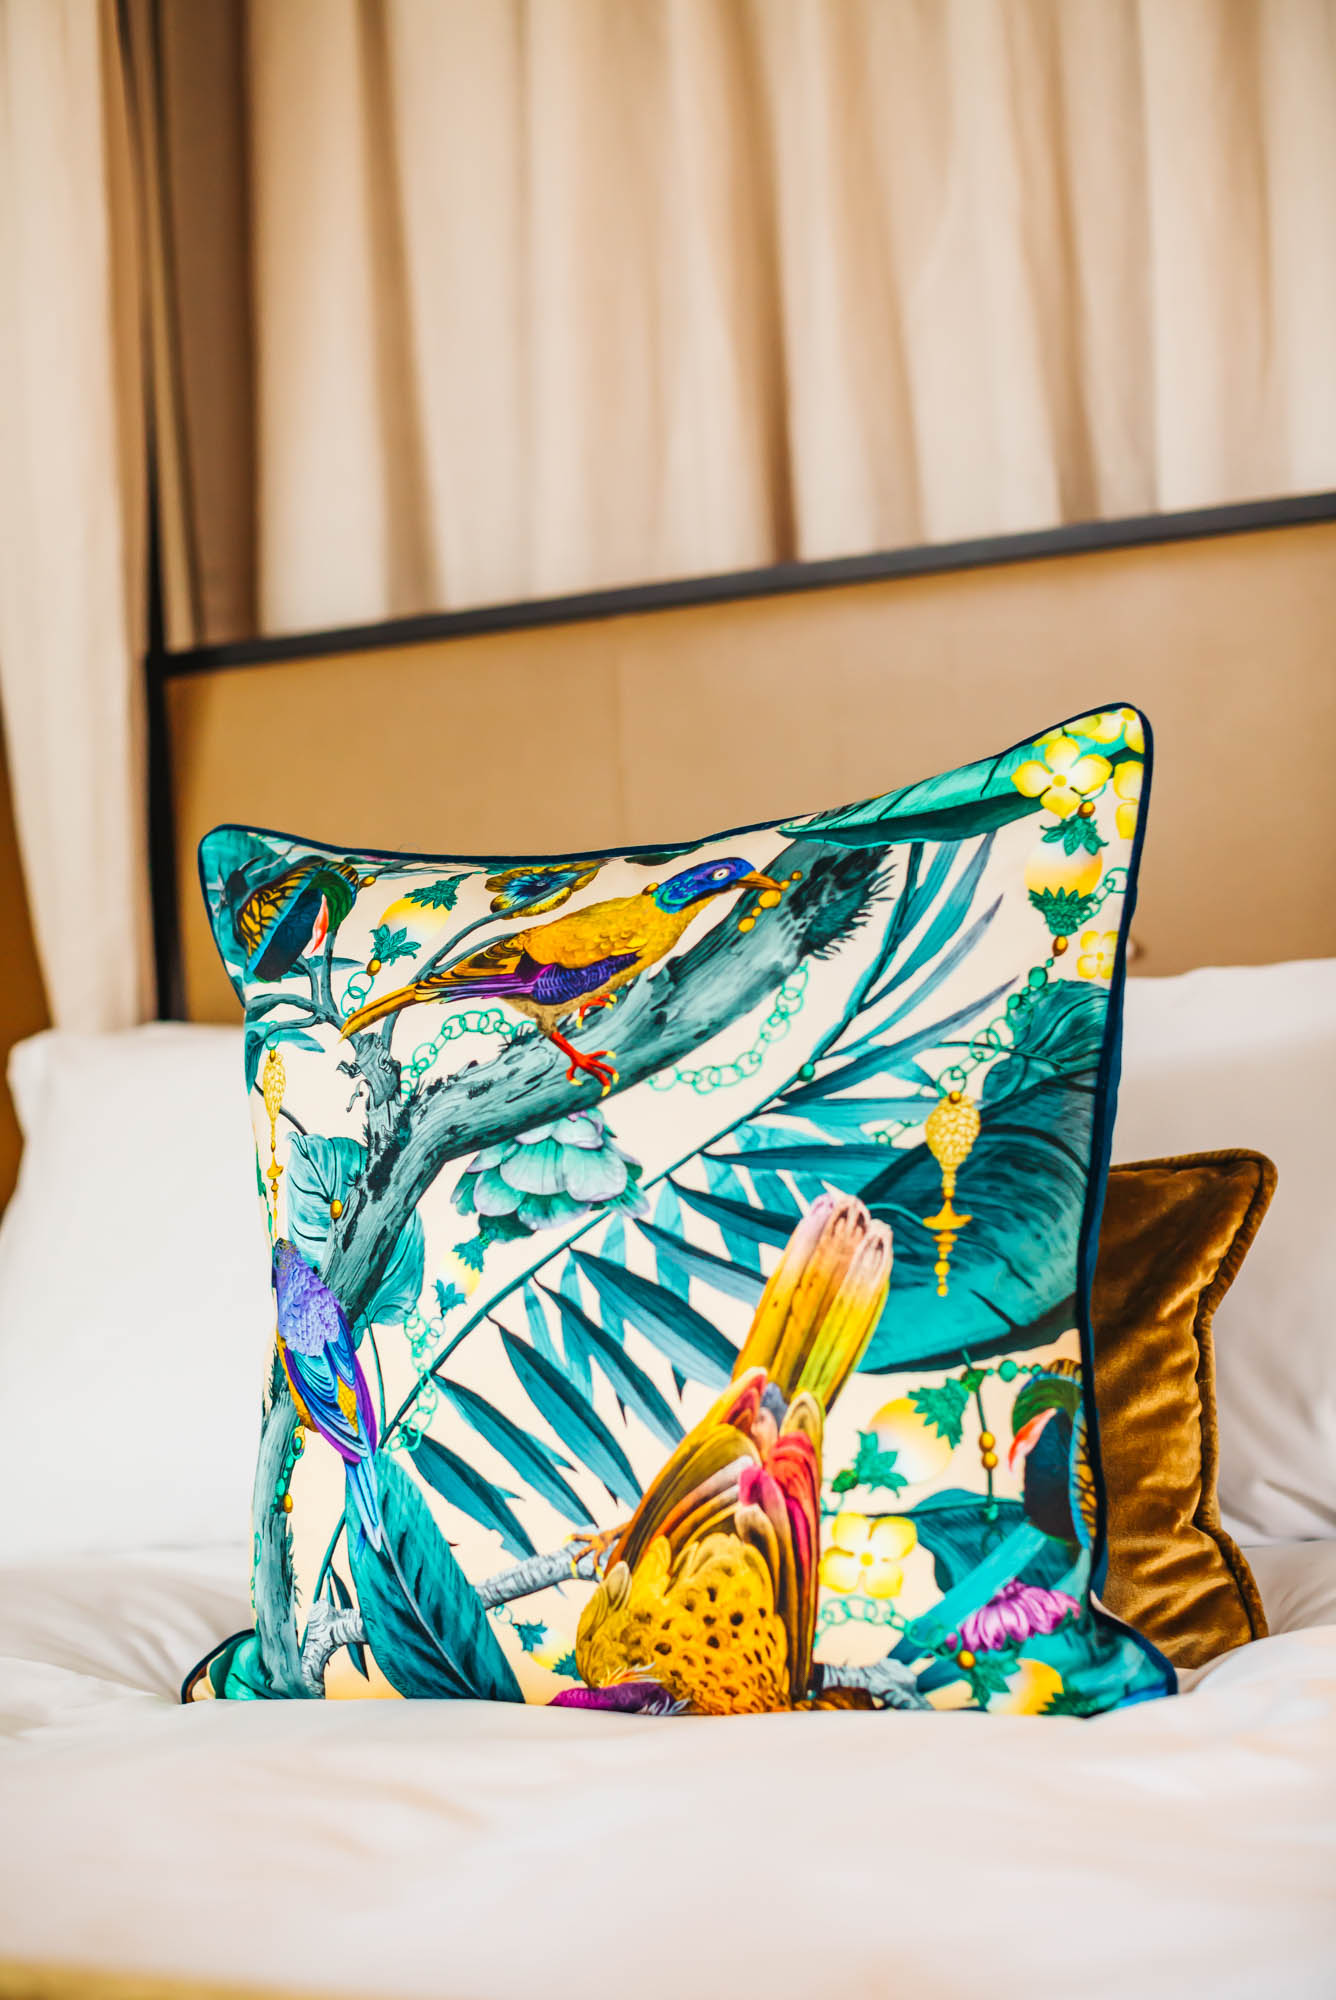 Gorgeous print on the throw pillows